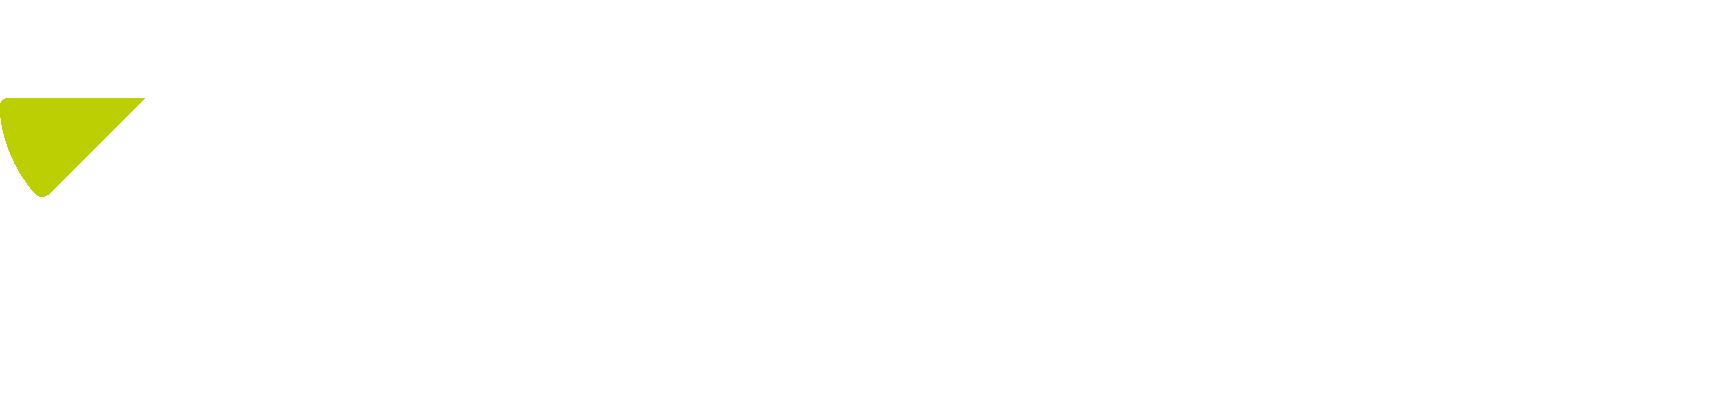 C-P-S Group Plant - Production - Logistics